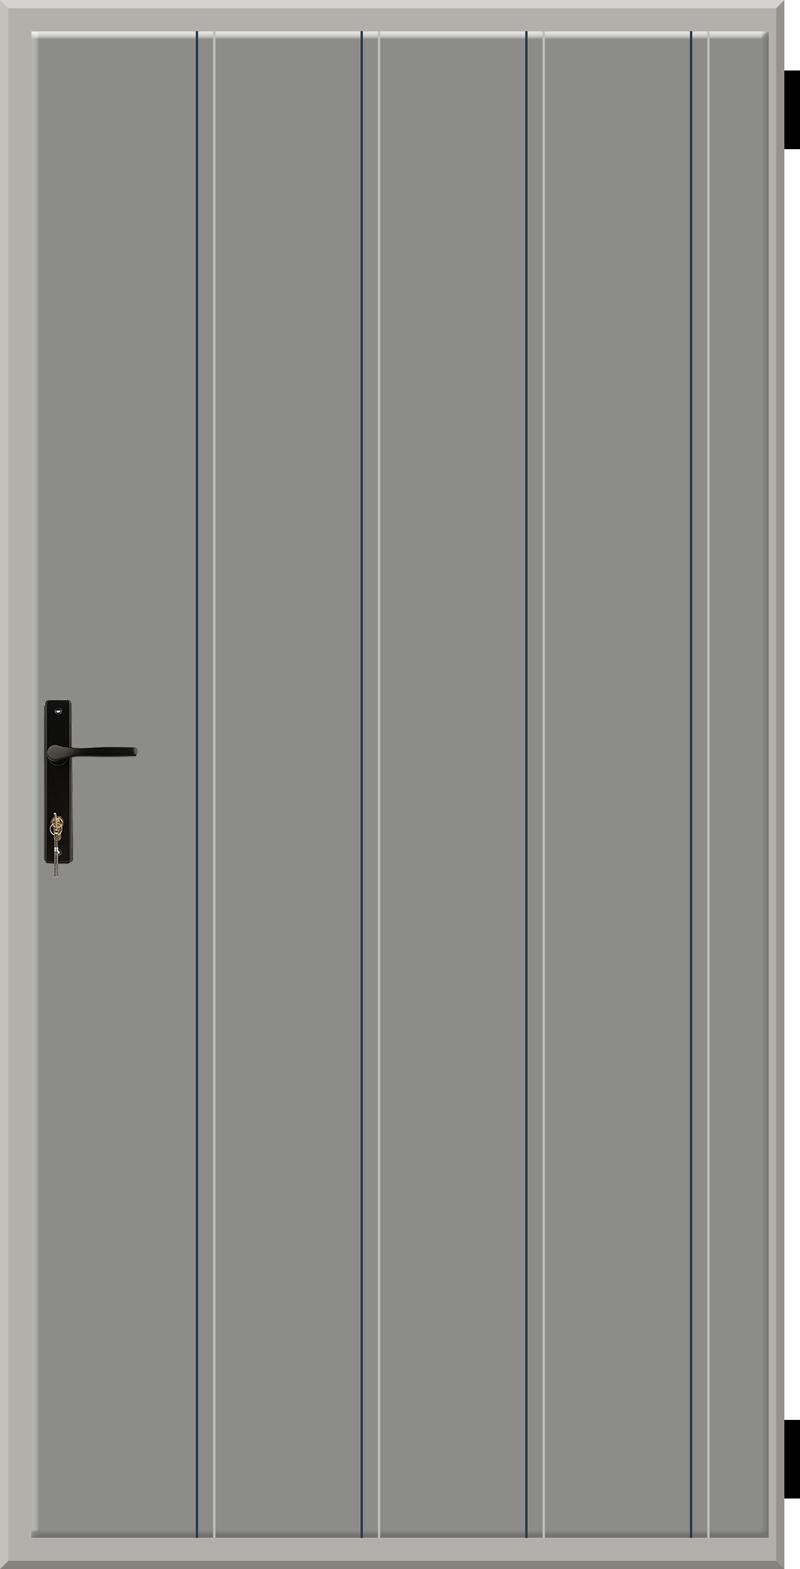 Tłoczenie pionowe co 21 cm